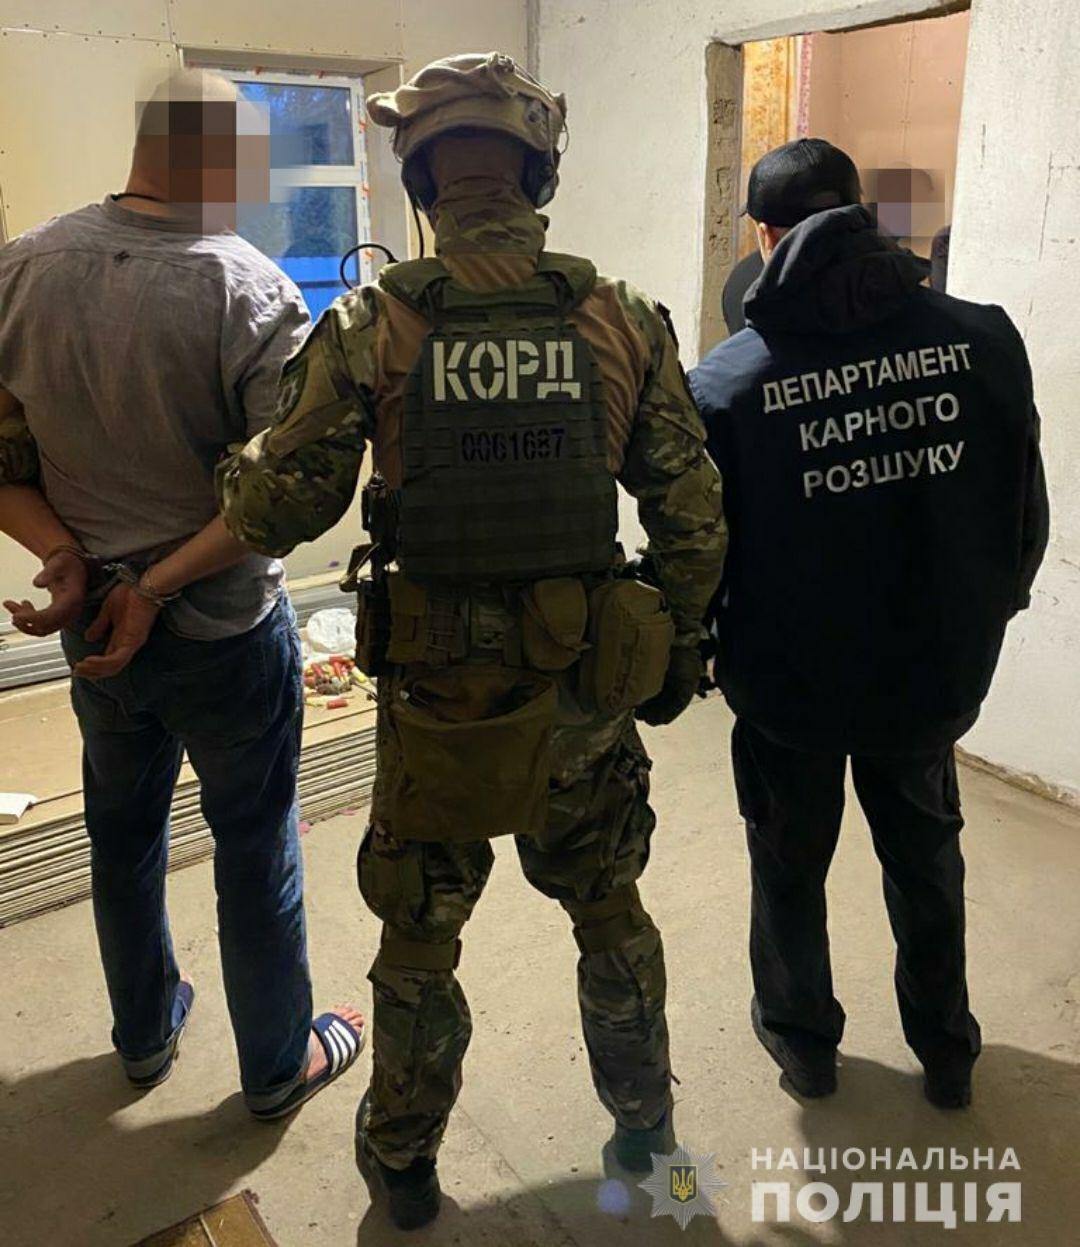 На Днепропетровщине задержали членов межрегиональной ОПГ, фото-1